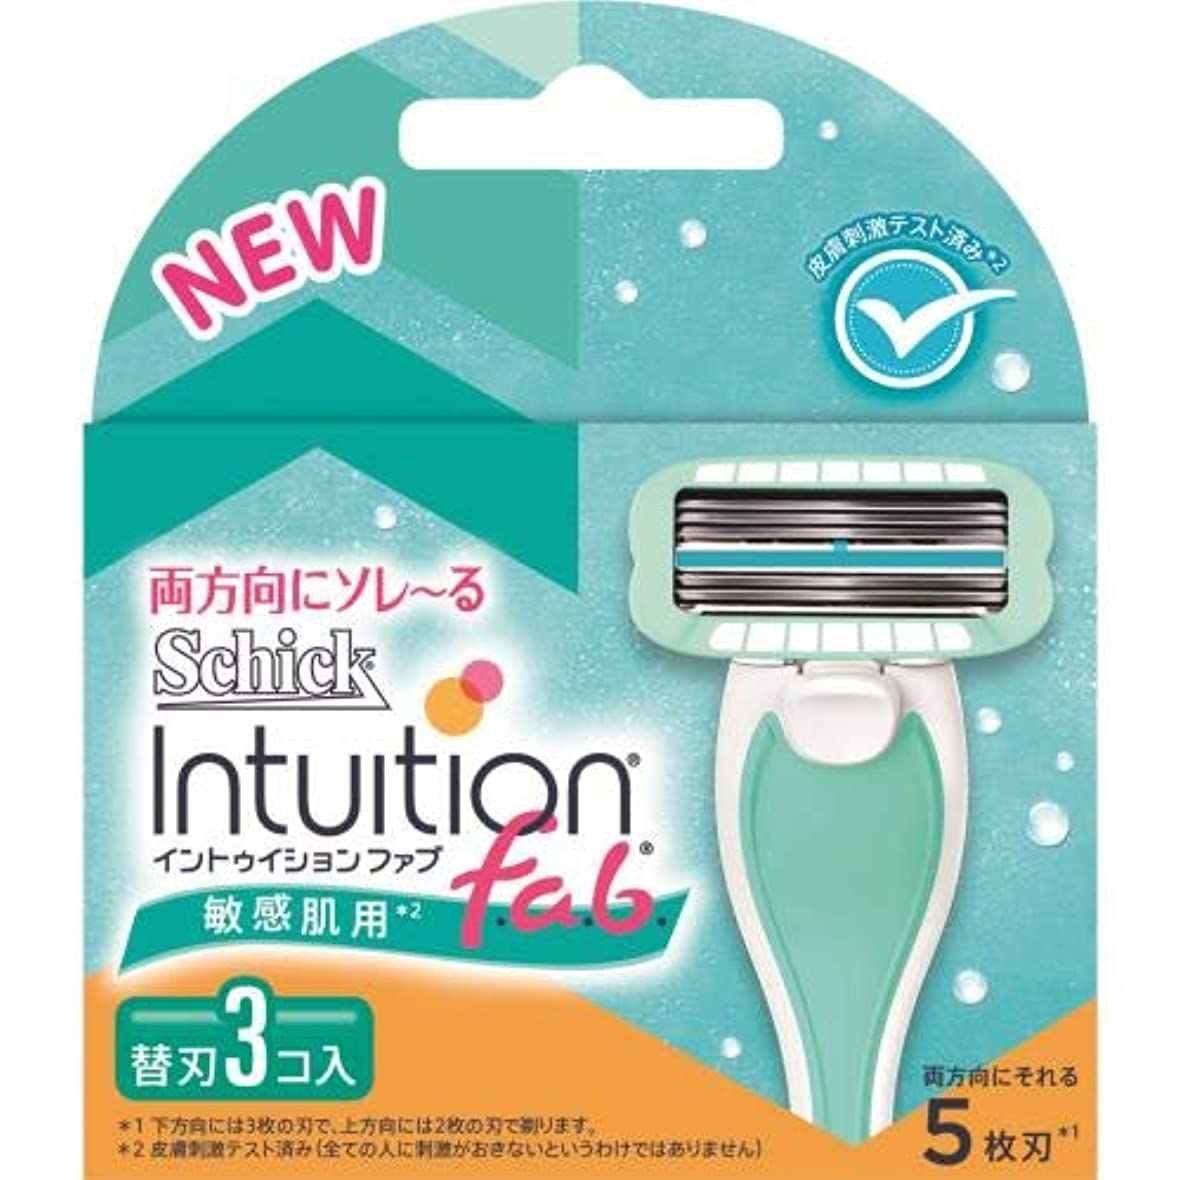 活力内部犯すシック?ジャパン イントゥイション ファブ 替刃 敏感肌用 (3個入) 女性用カミソリ 3個セット